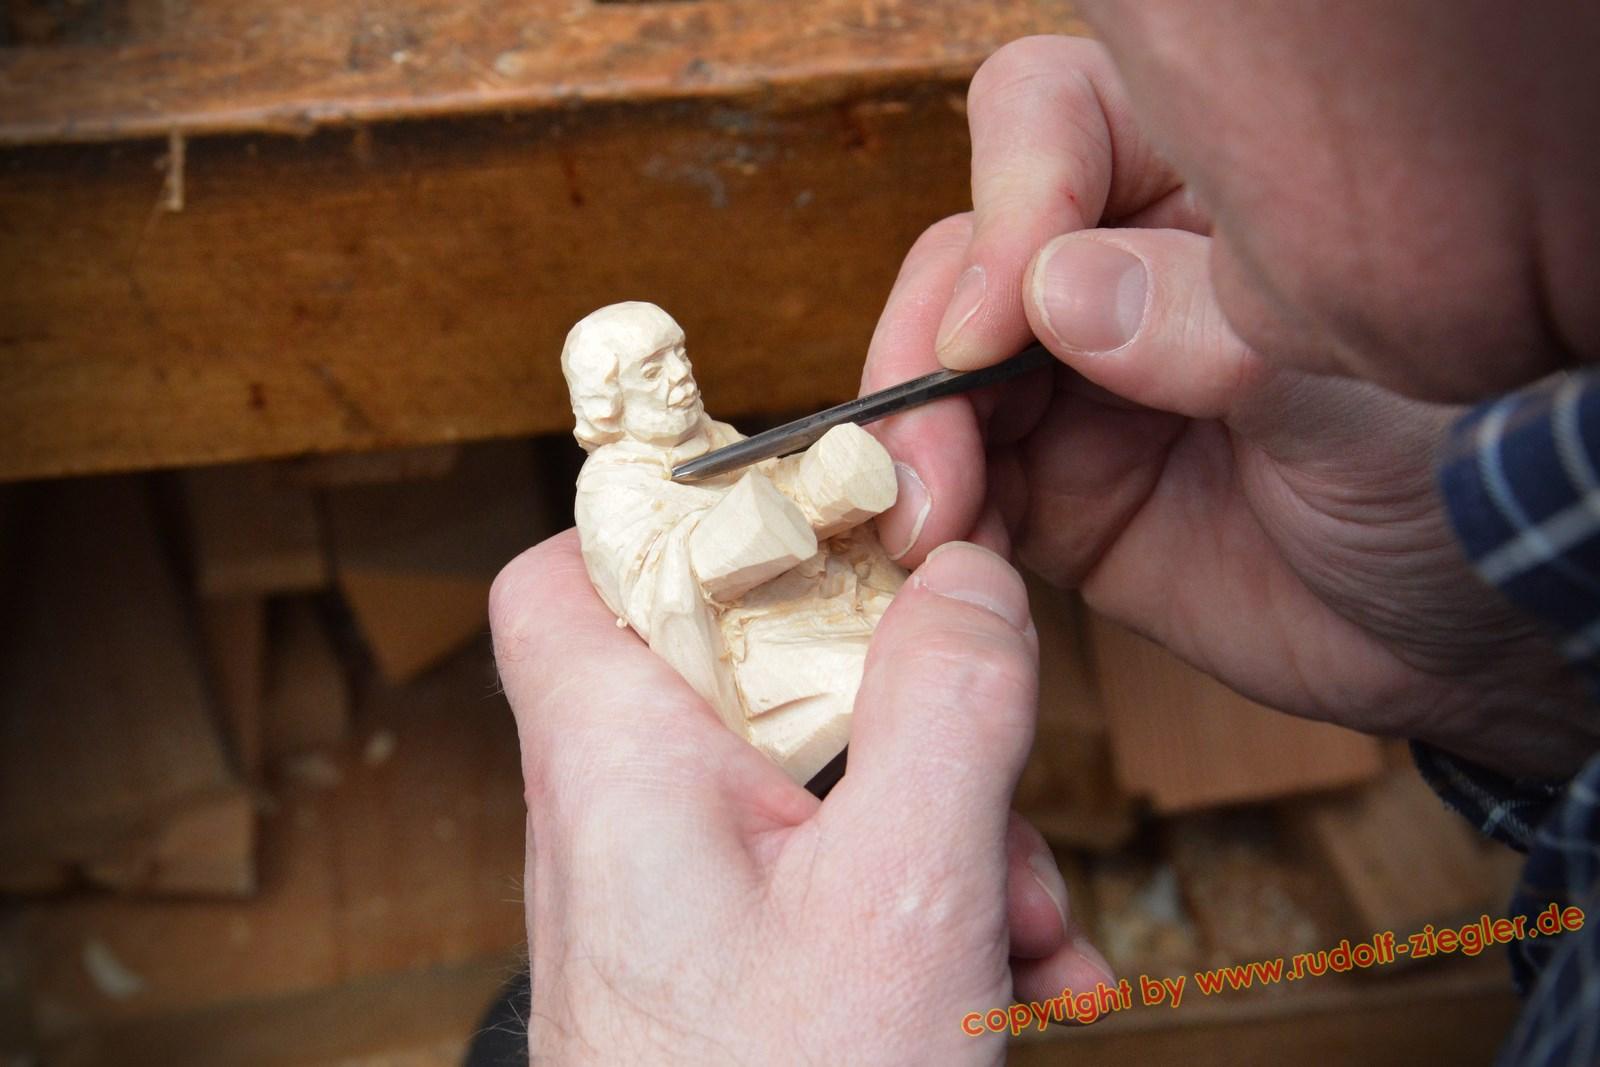 Holzschnitzerei Julian Bittermann 015-Bearb (1600x1200)